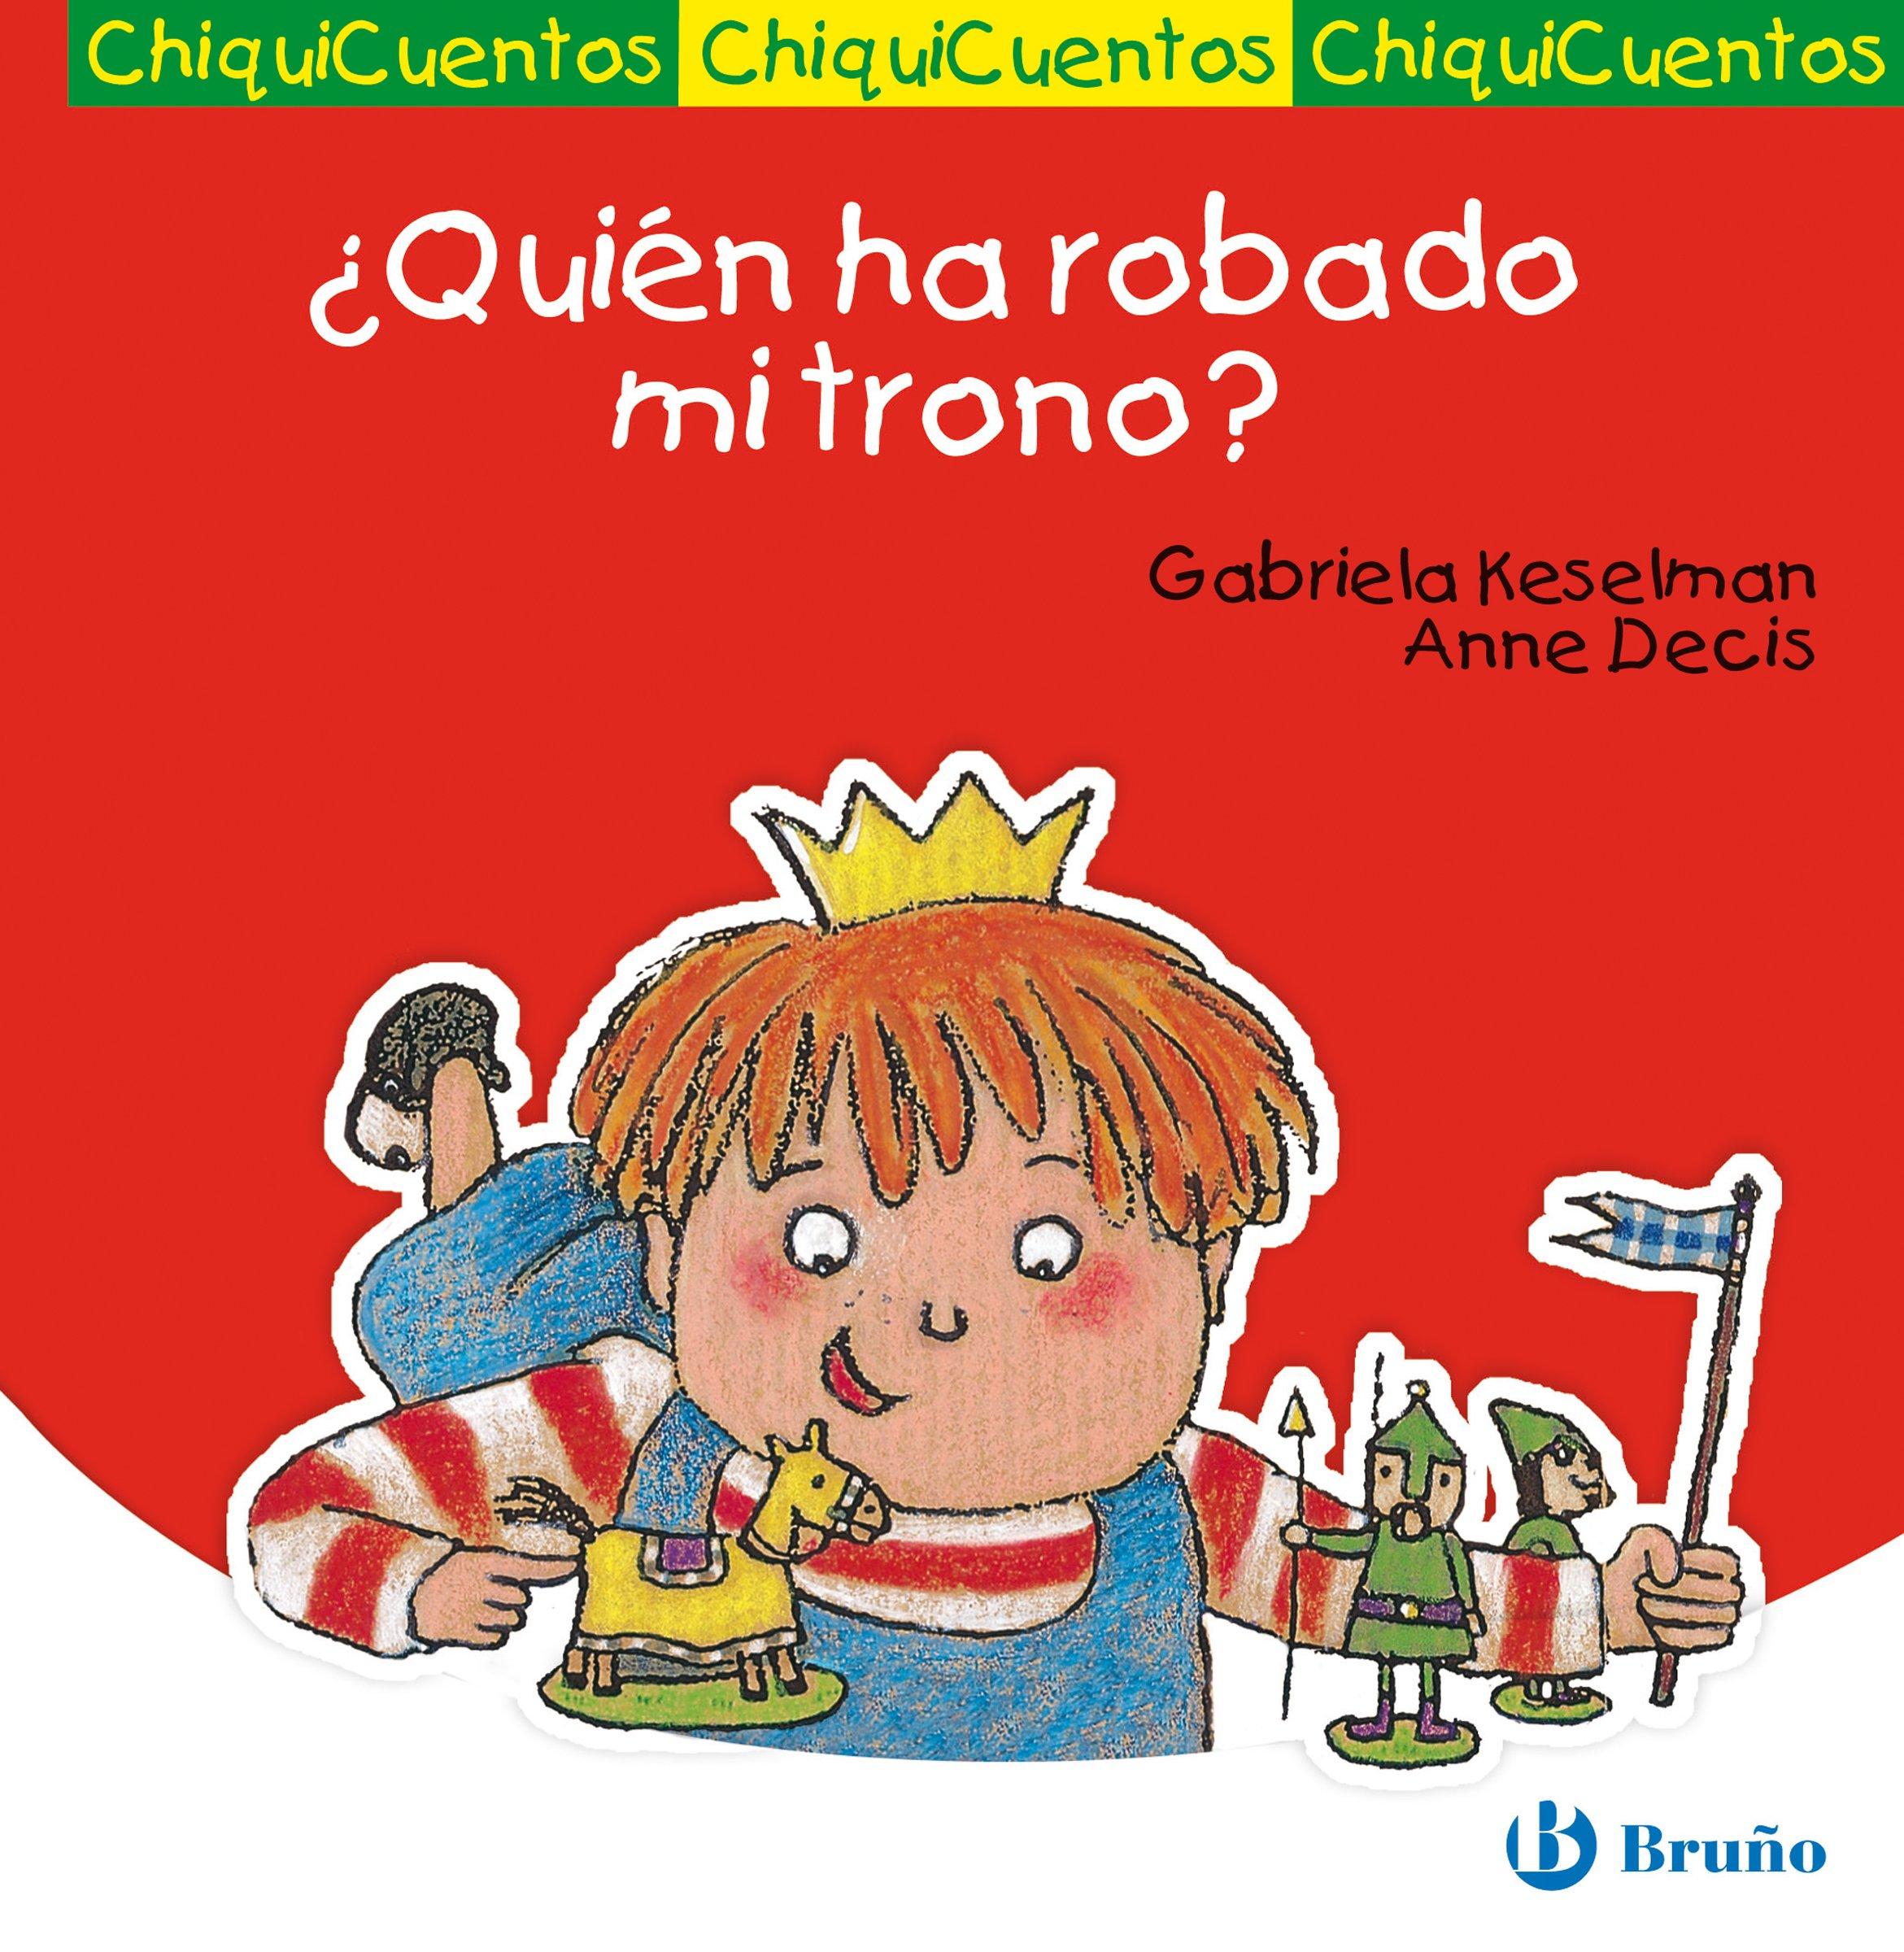 ¿Quién ha robado mi trono? (Castellano - Bruño - Chiquicuentos nº 10)